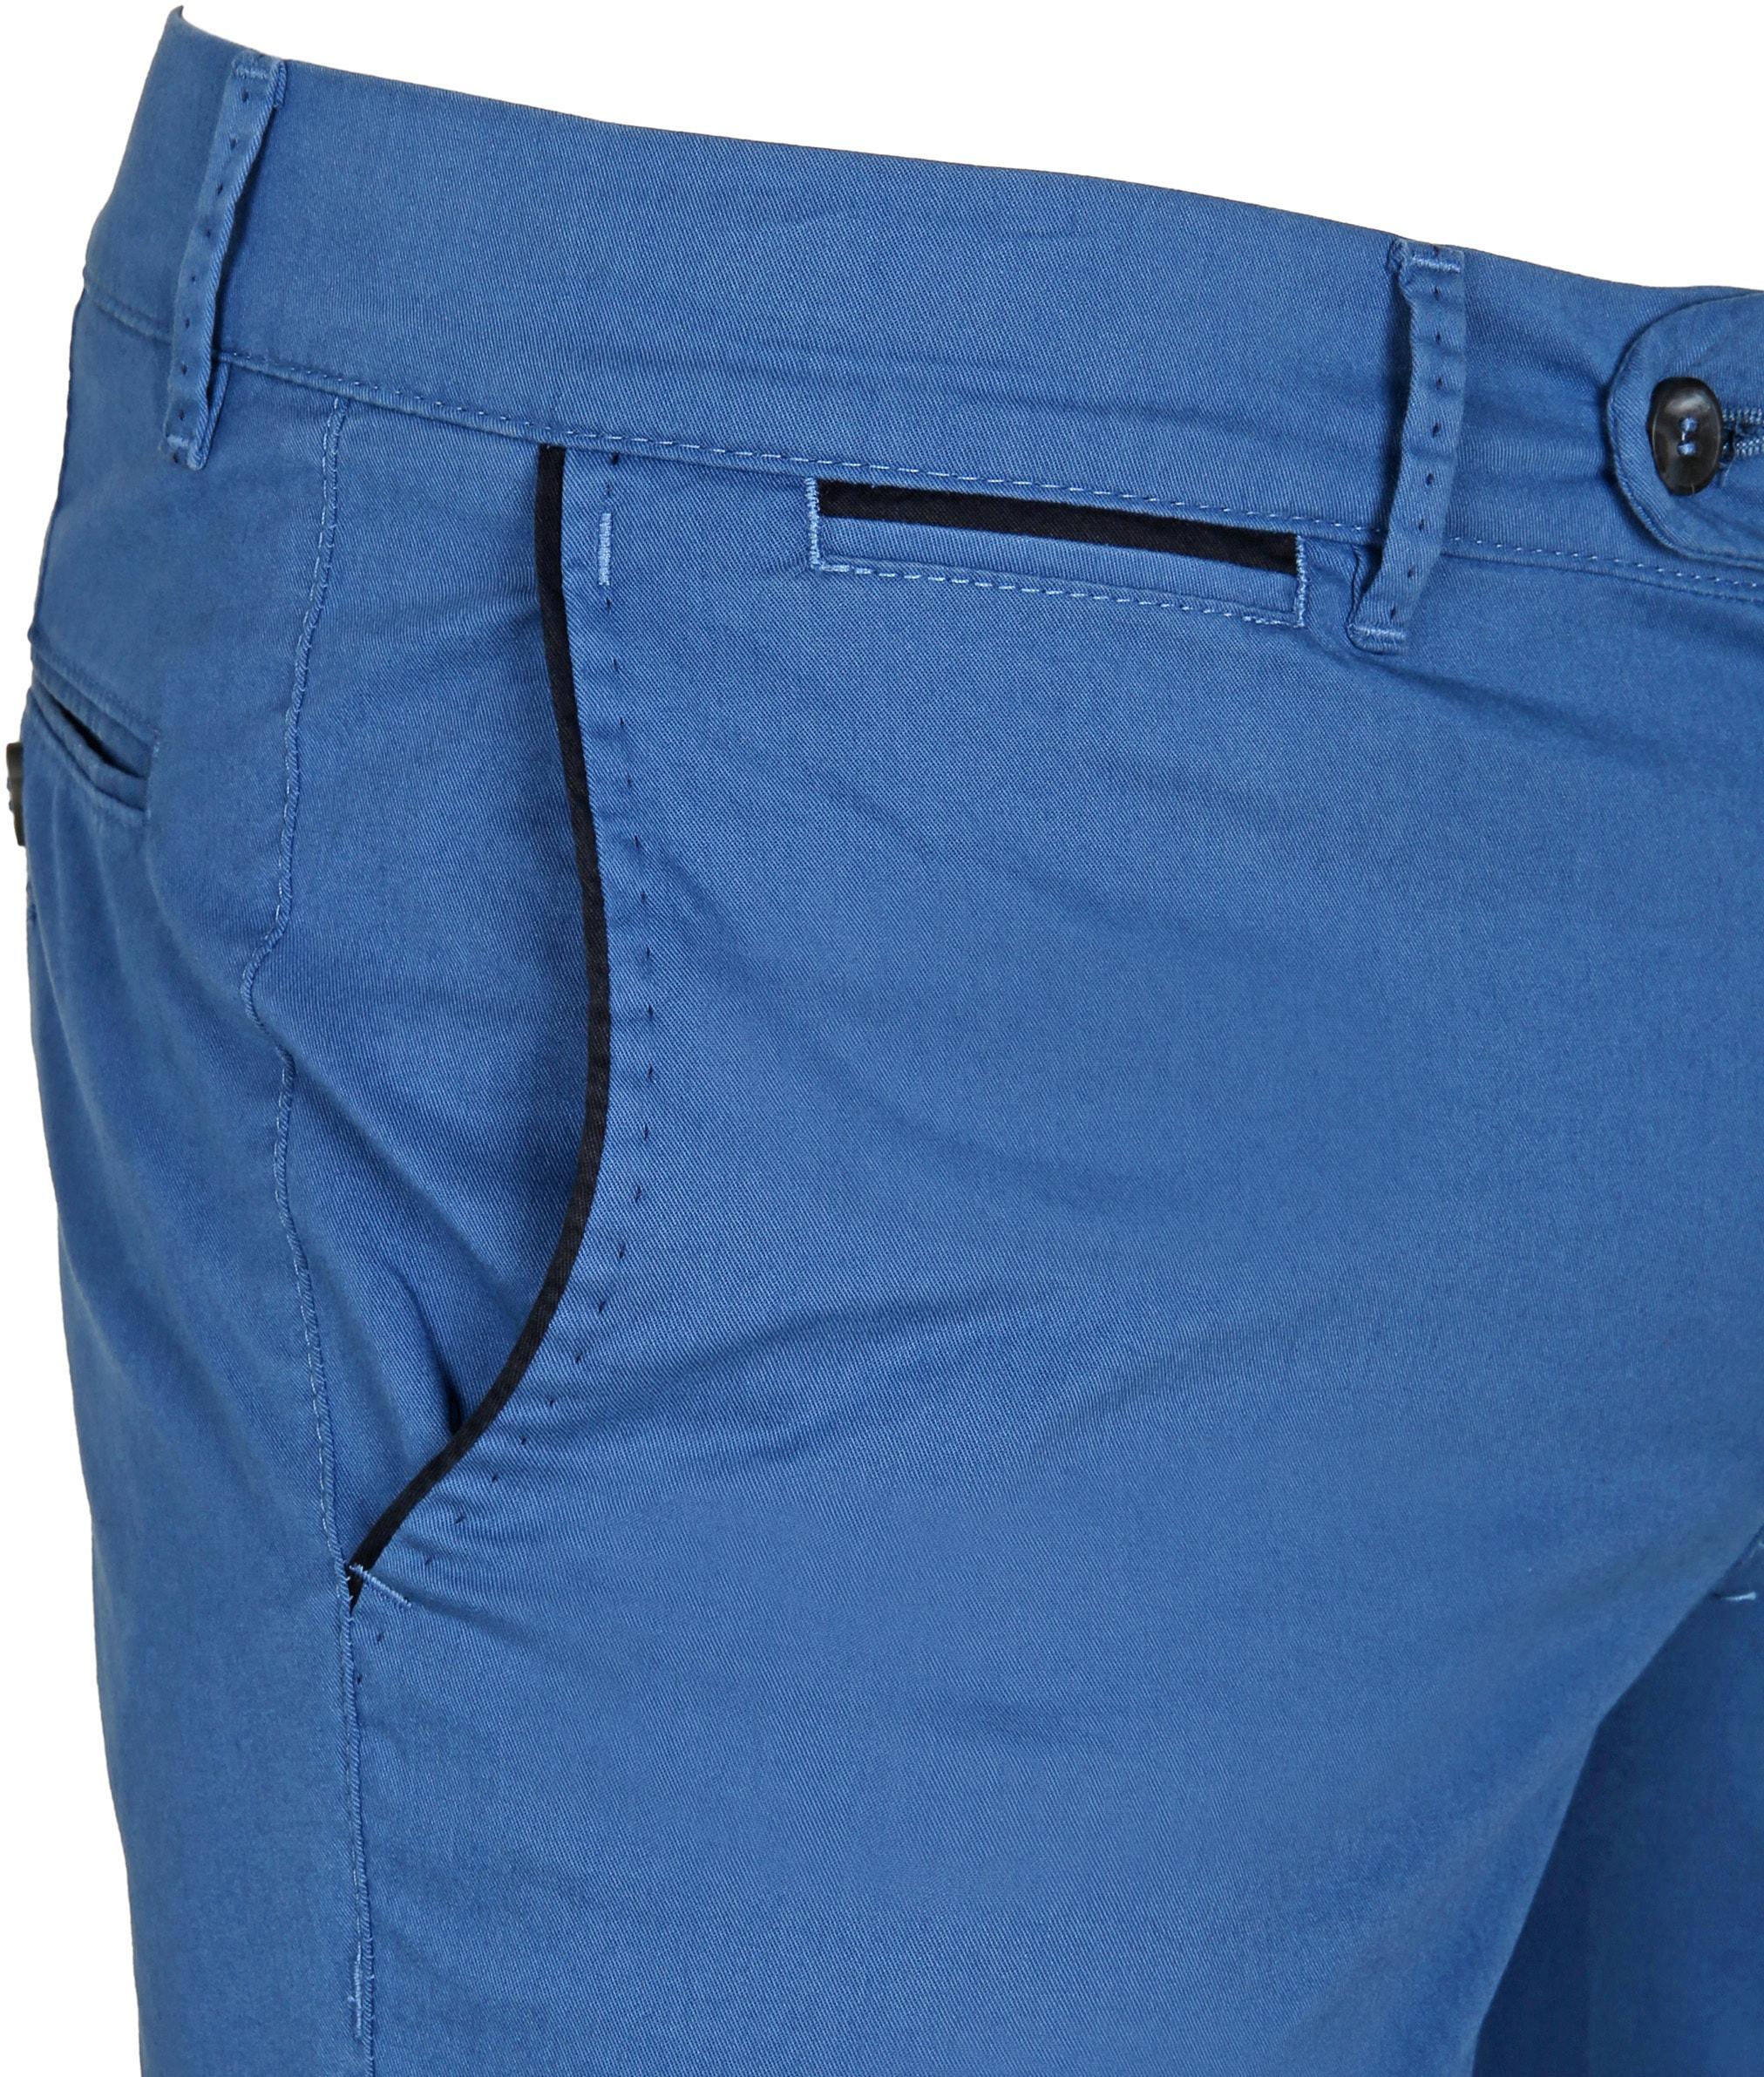 Suitable Chino Short Blau foto 1